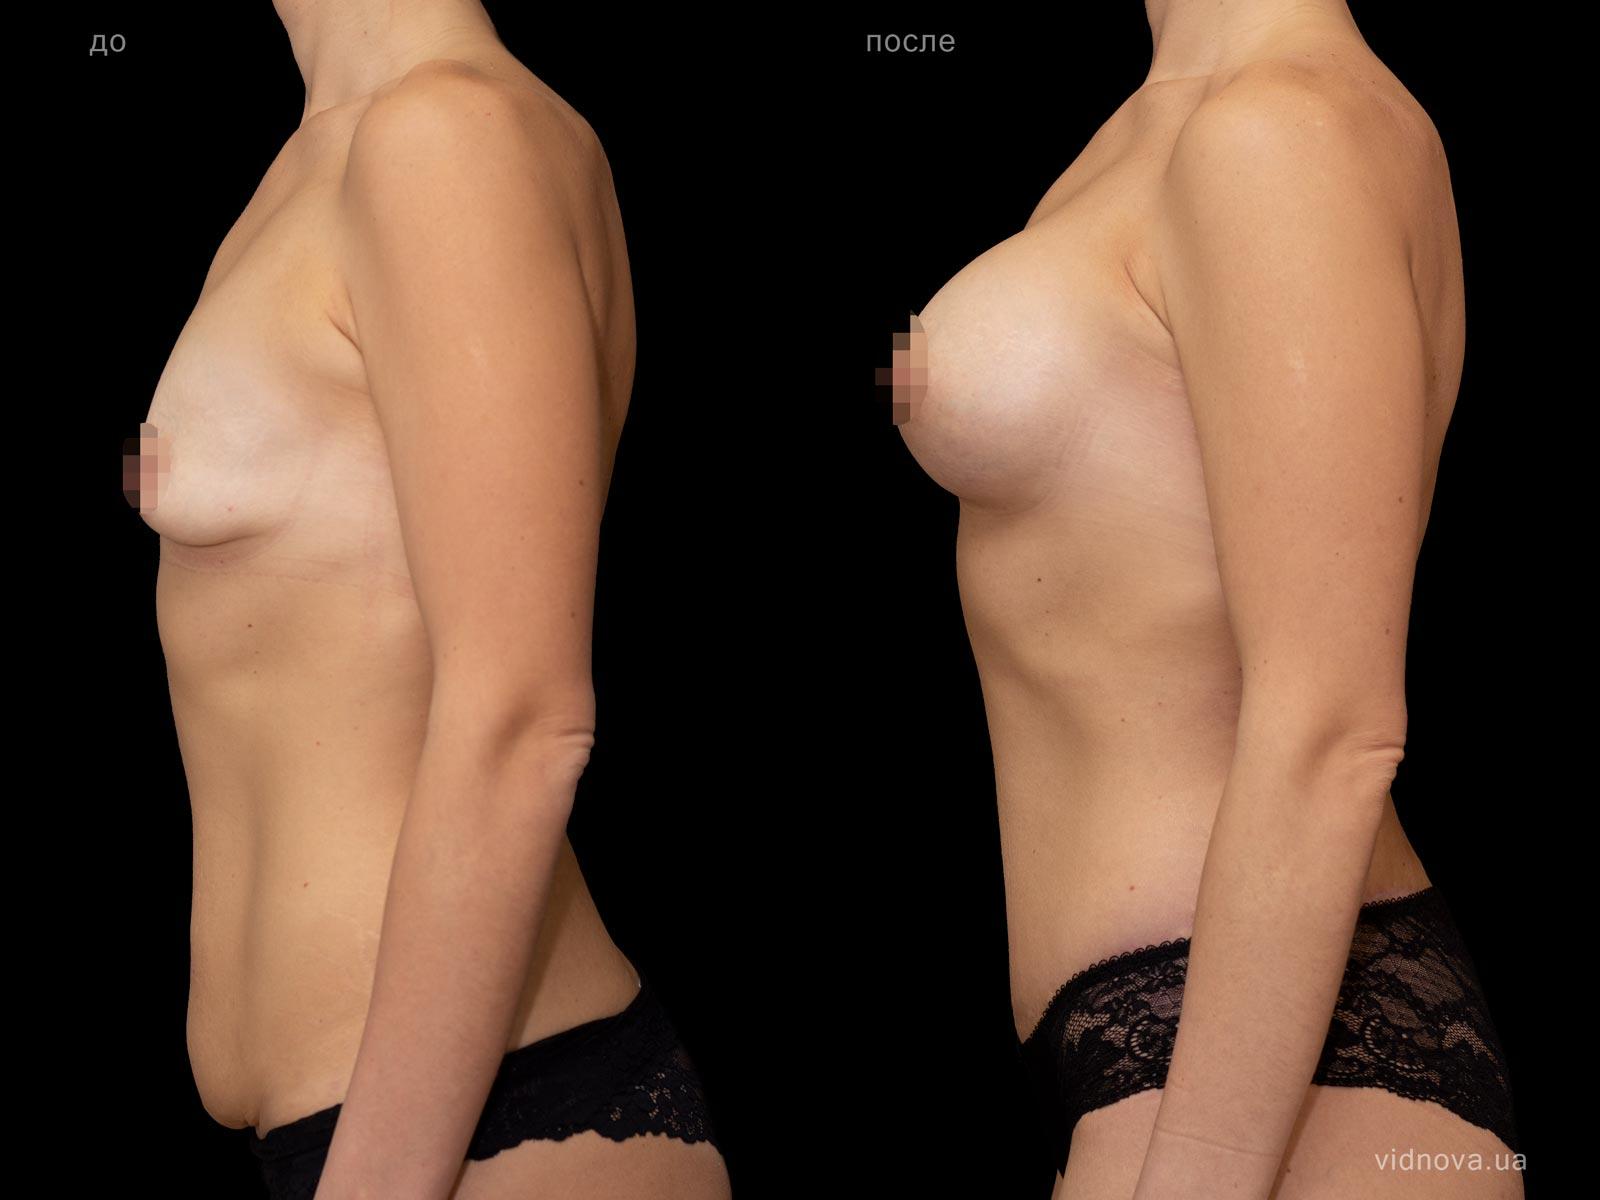 Пластика груди: результаты до и после - Пример №97-3 - Светлана Работенко